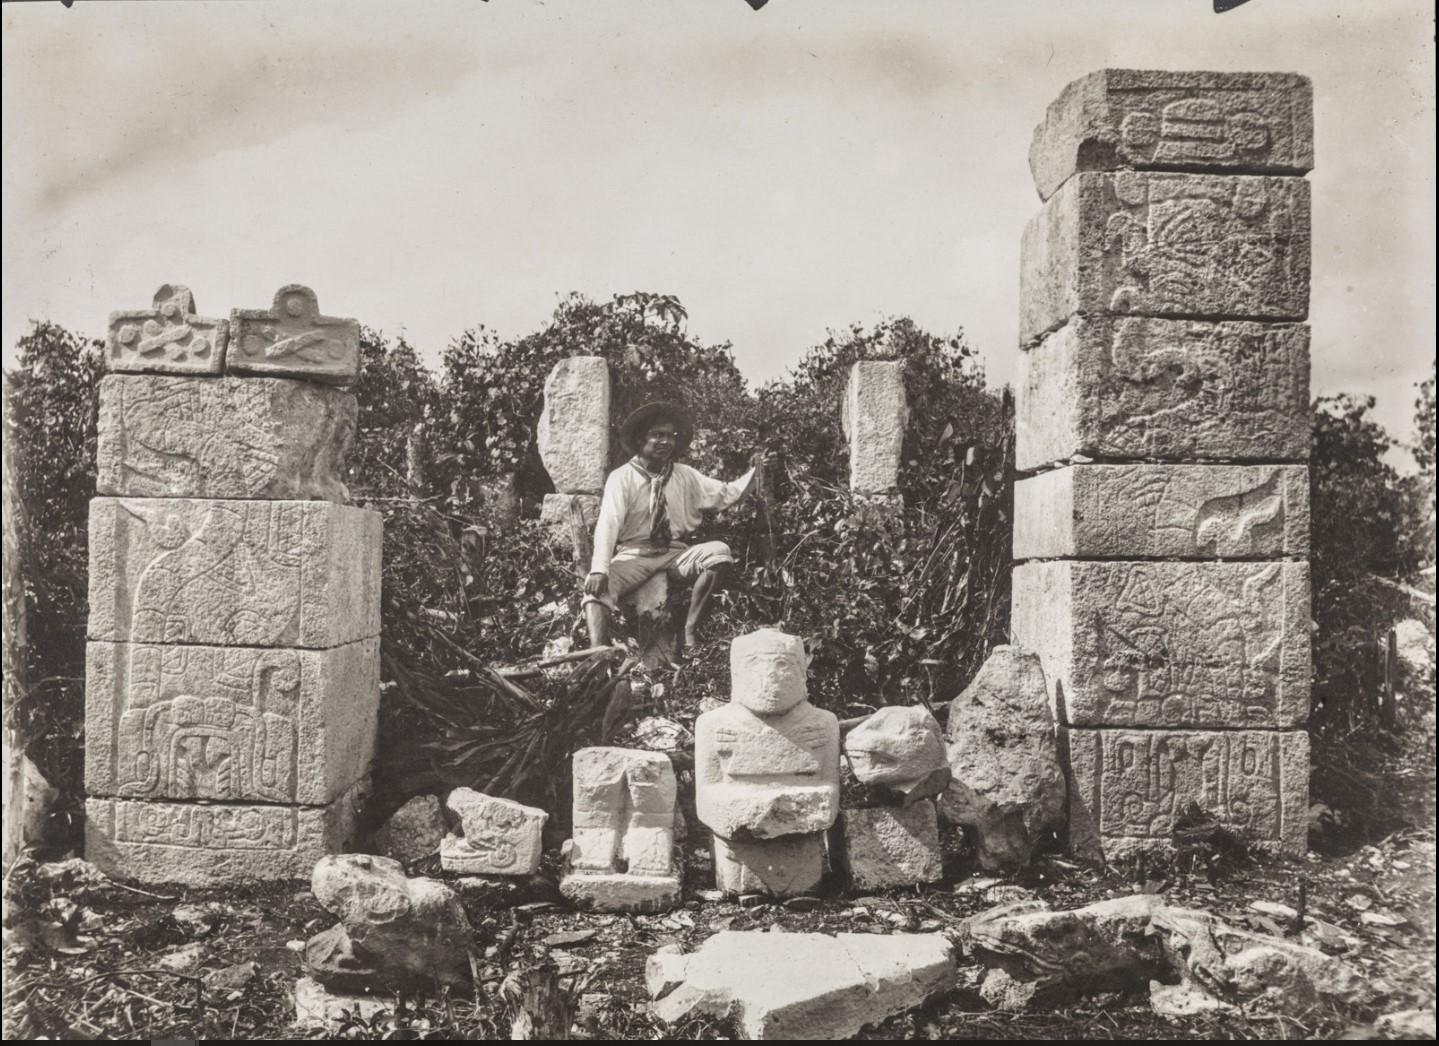 Чичен-Ица. Рельефные камни и скульптуры